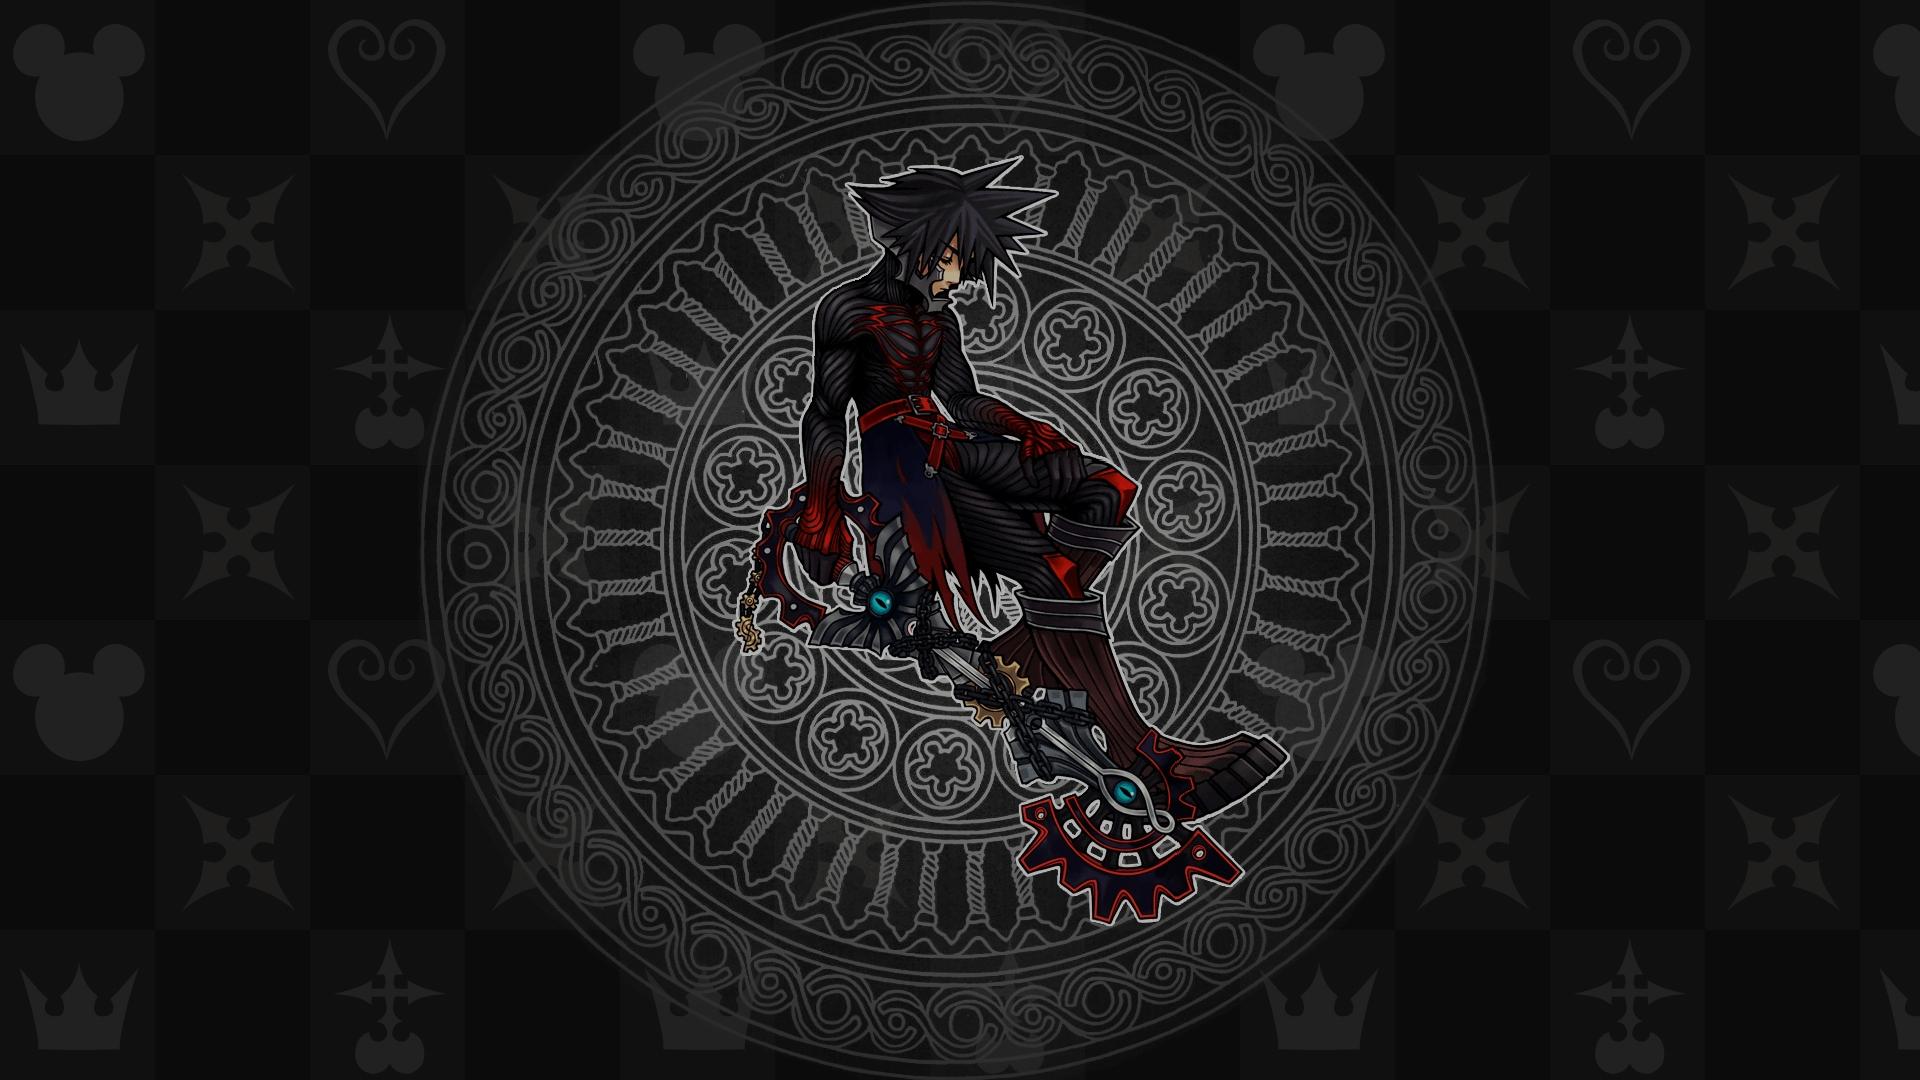 王国之心壁纸 高清图片 游戏壁纸-第6张